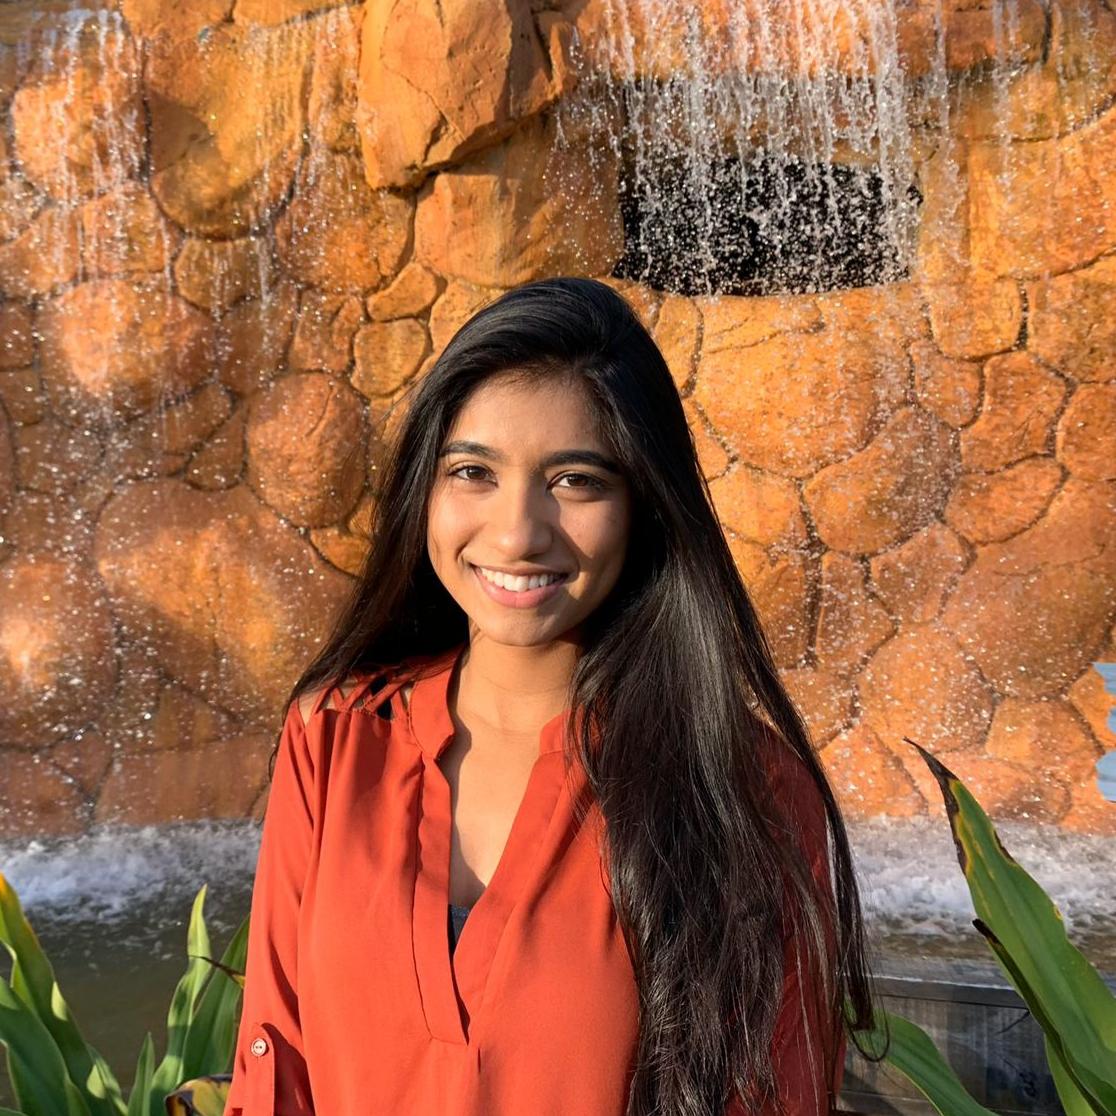 Shivani Kasabwala